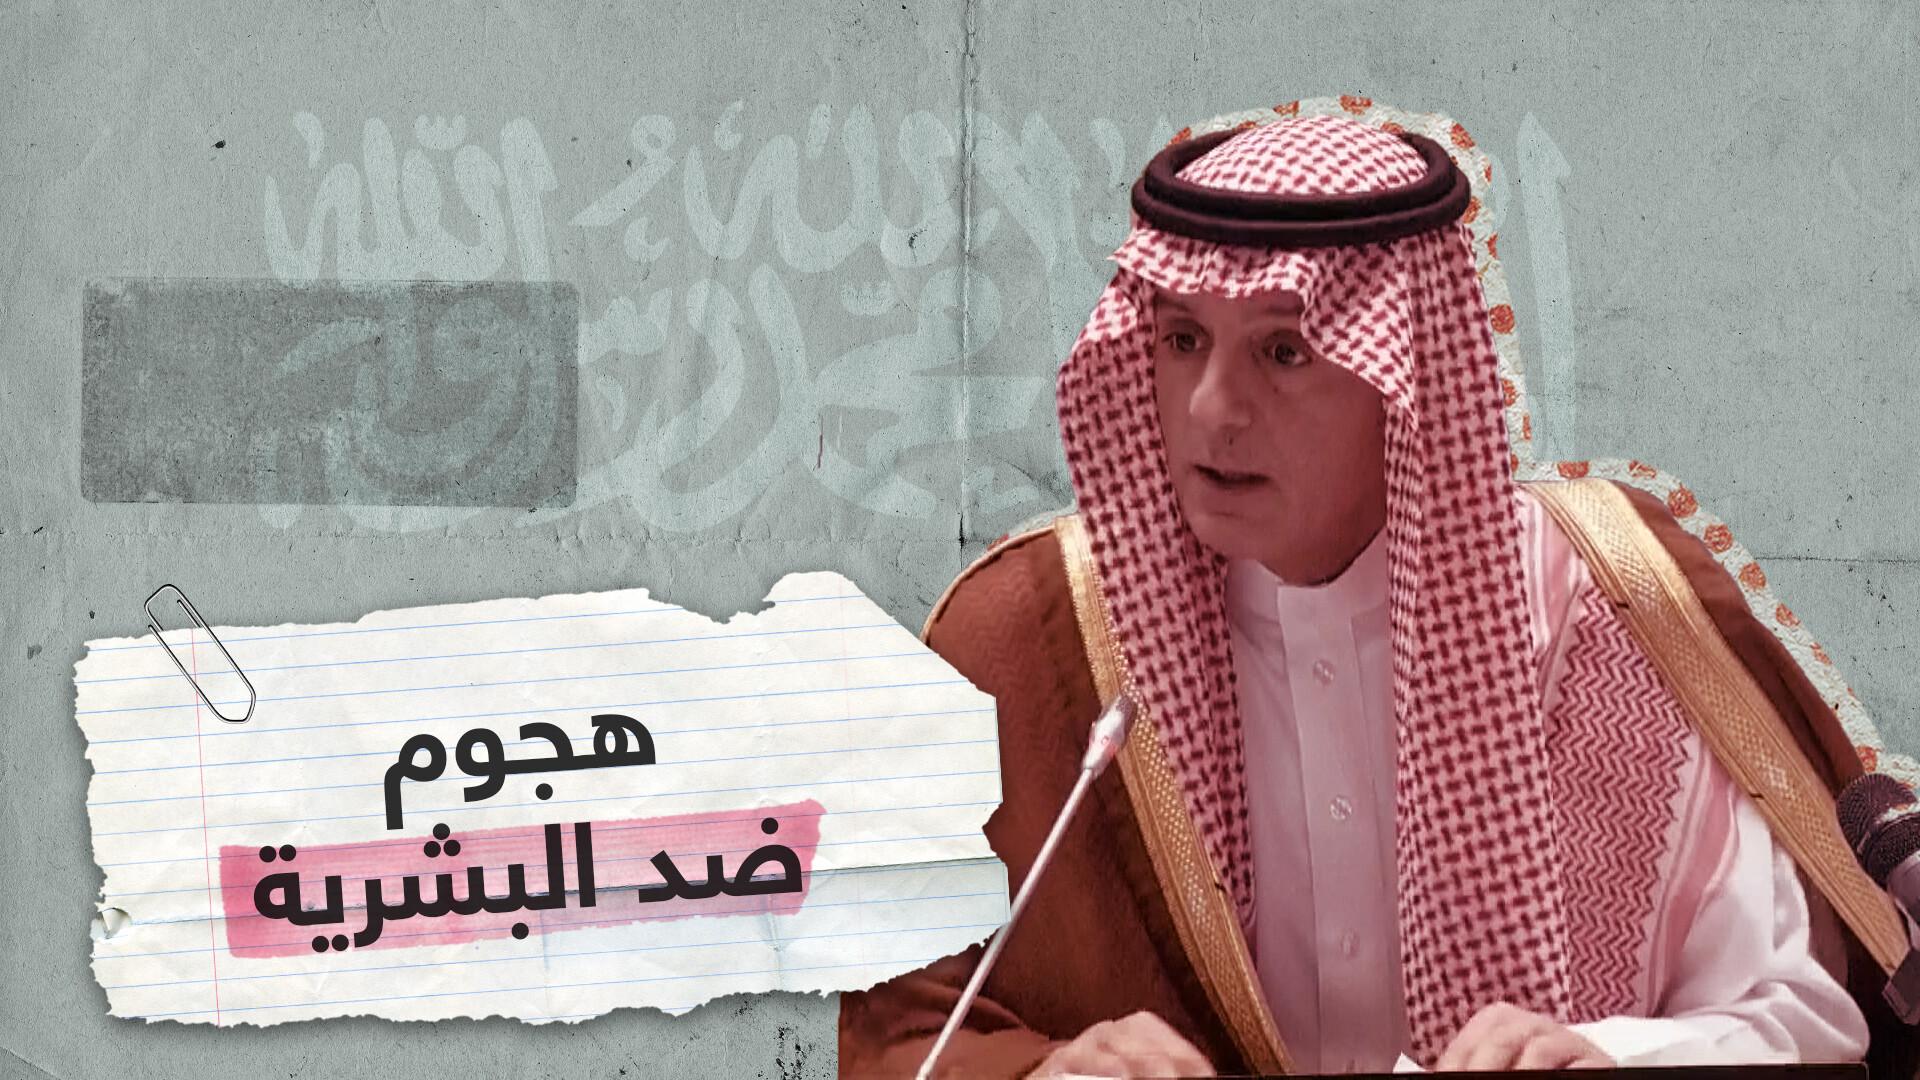 عادل الجبير: هجوم أرامكو يستهدف البشرية!